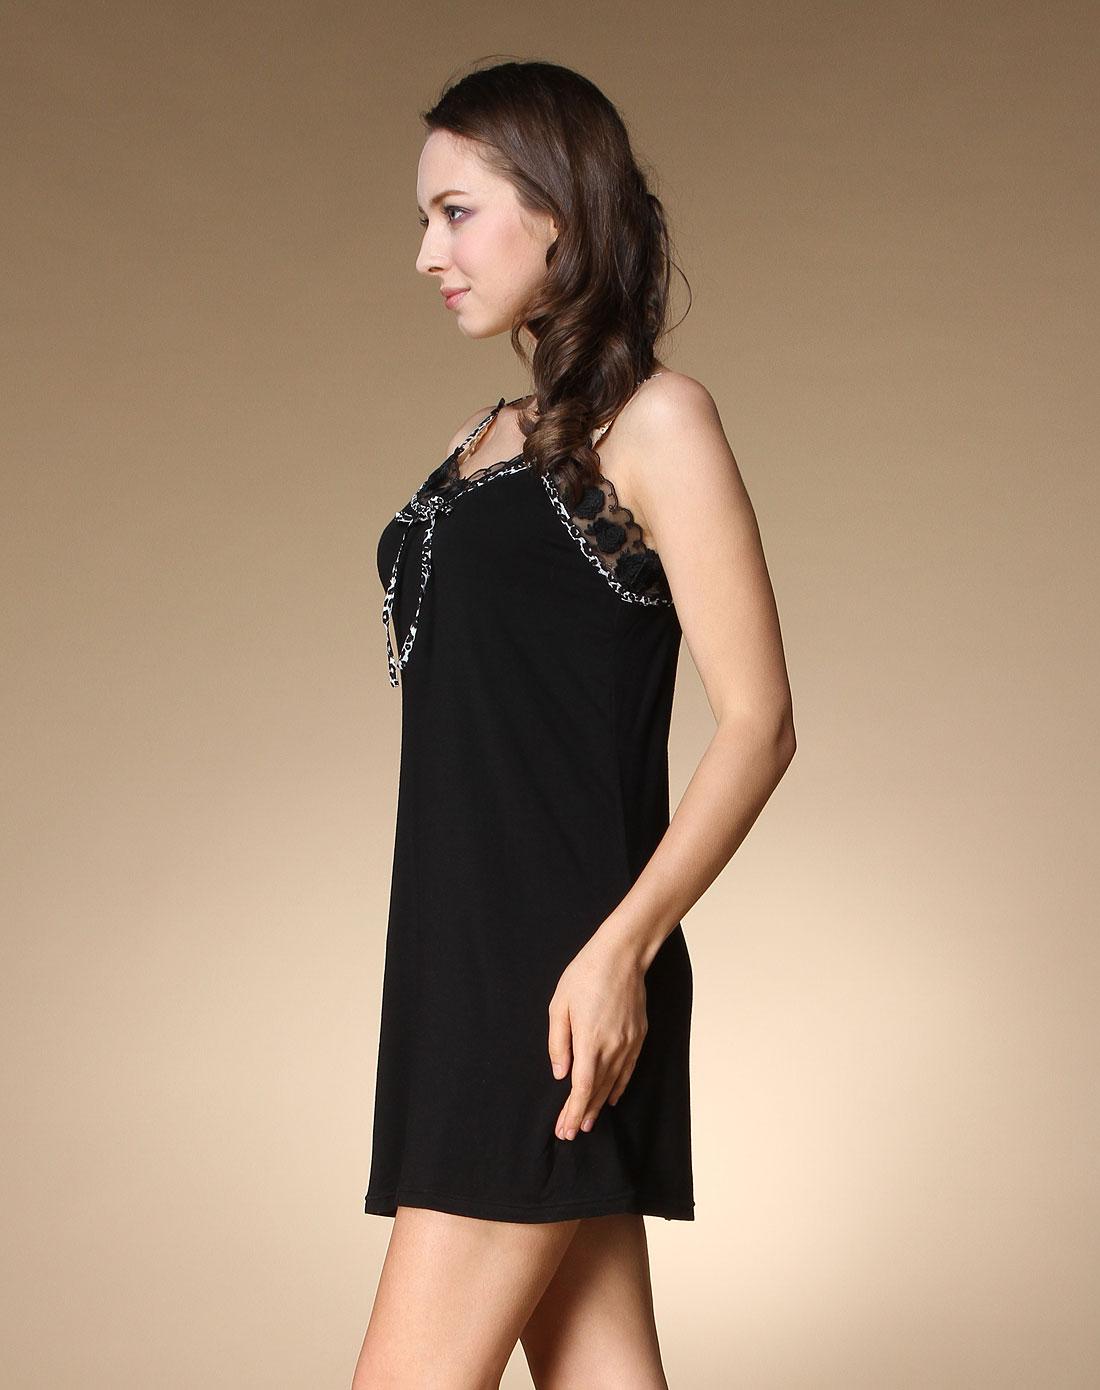 欧迪芬ordifen女士内衣专场黑色蕾丝花边吊带睡衣od 高清图片